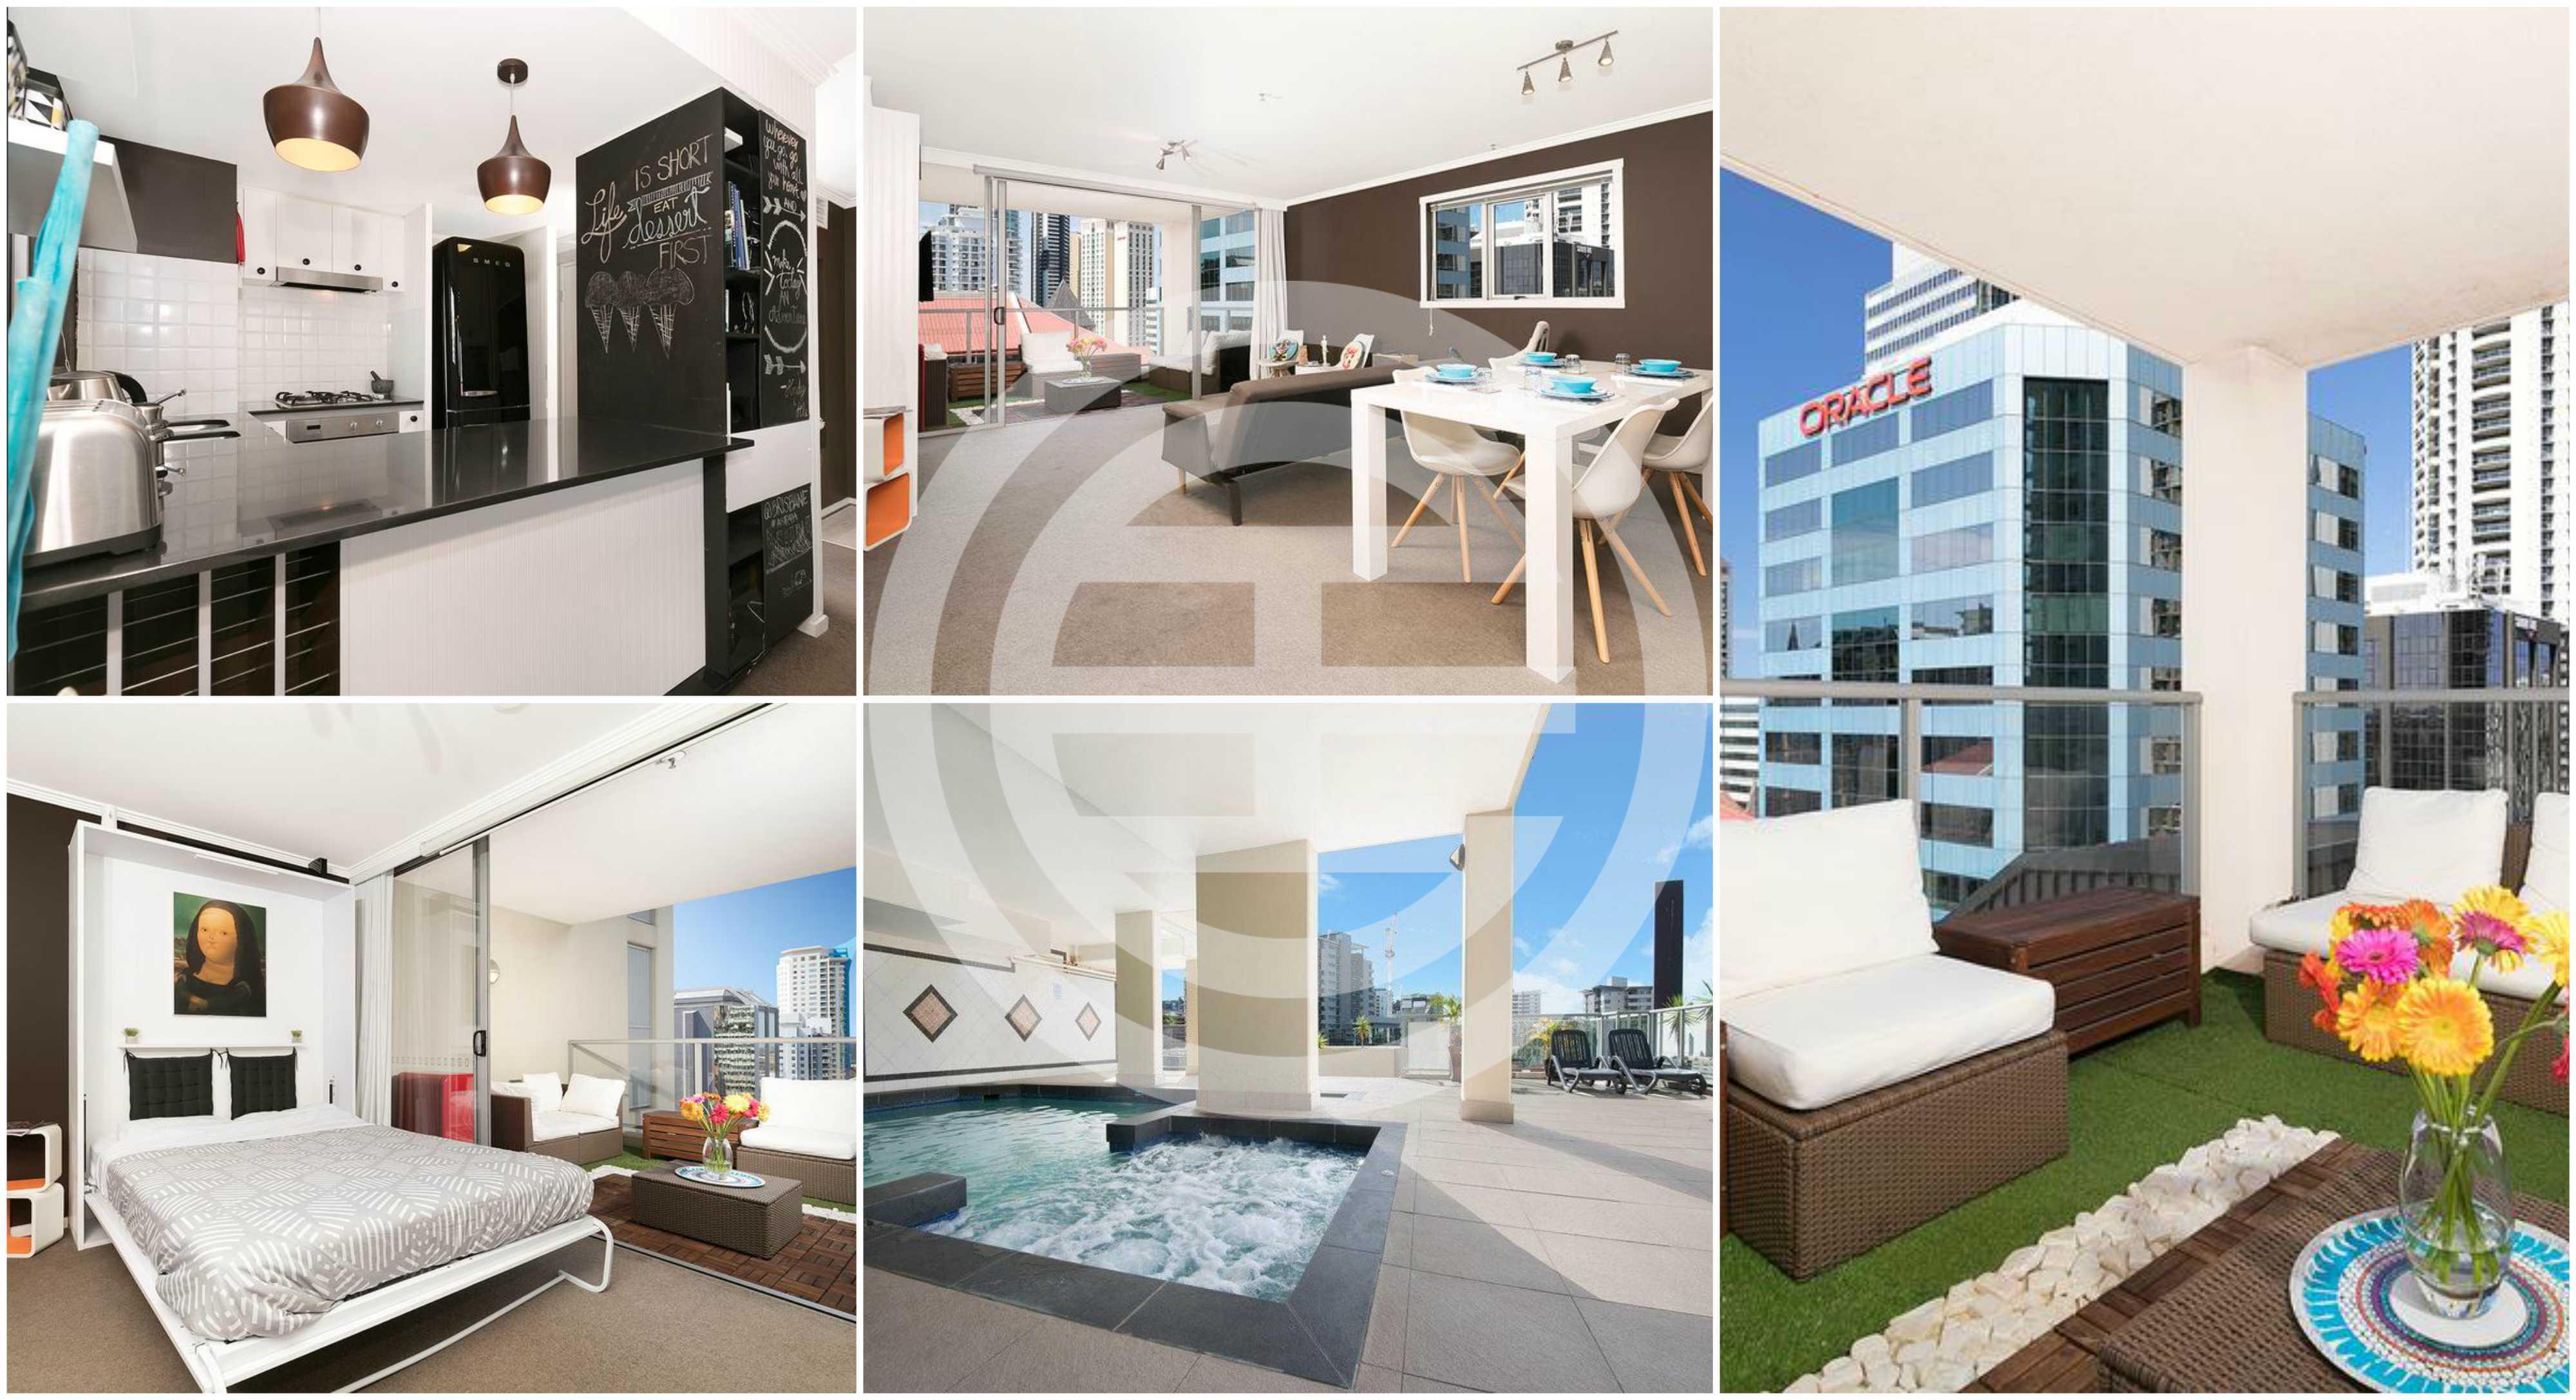 2018年成为了布里斯班公寓房的抄底购买好时机。你眼前这套别致的布里斯班市中心公寓,前后带有阳台,配有时尚家电,现只售188万元人民币!